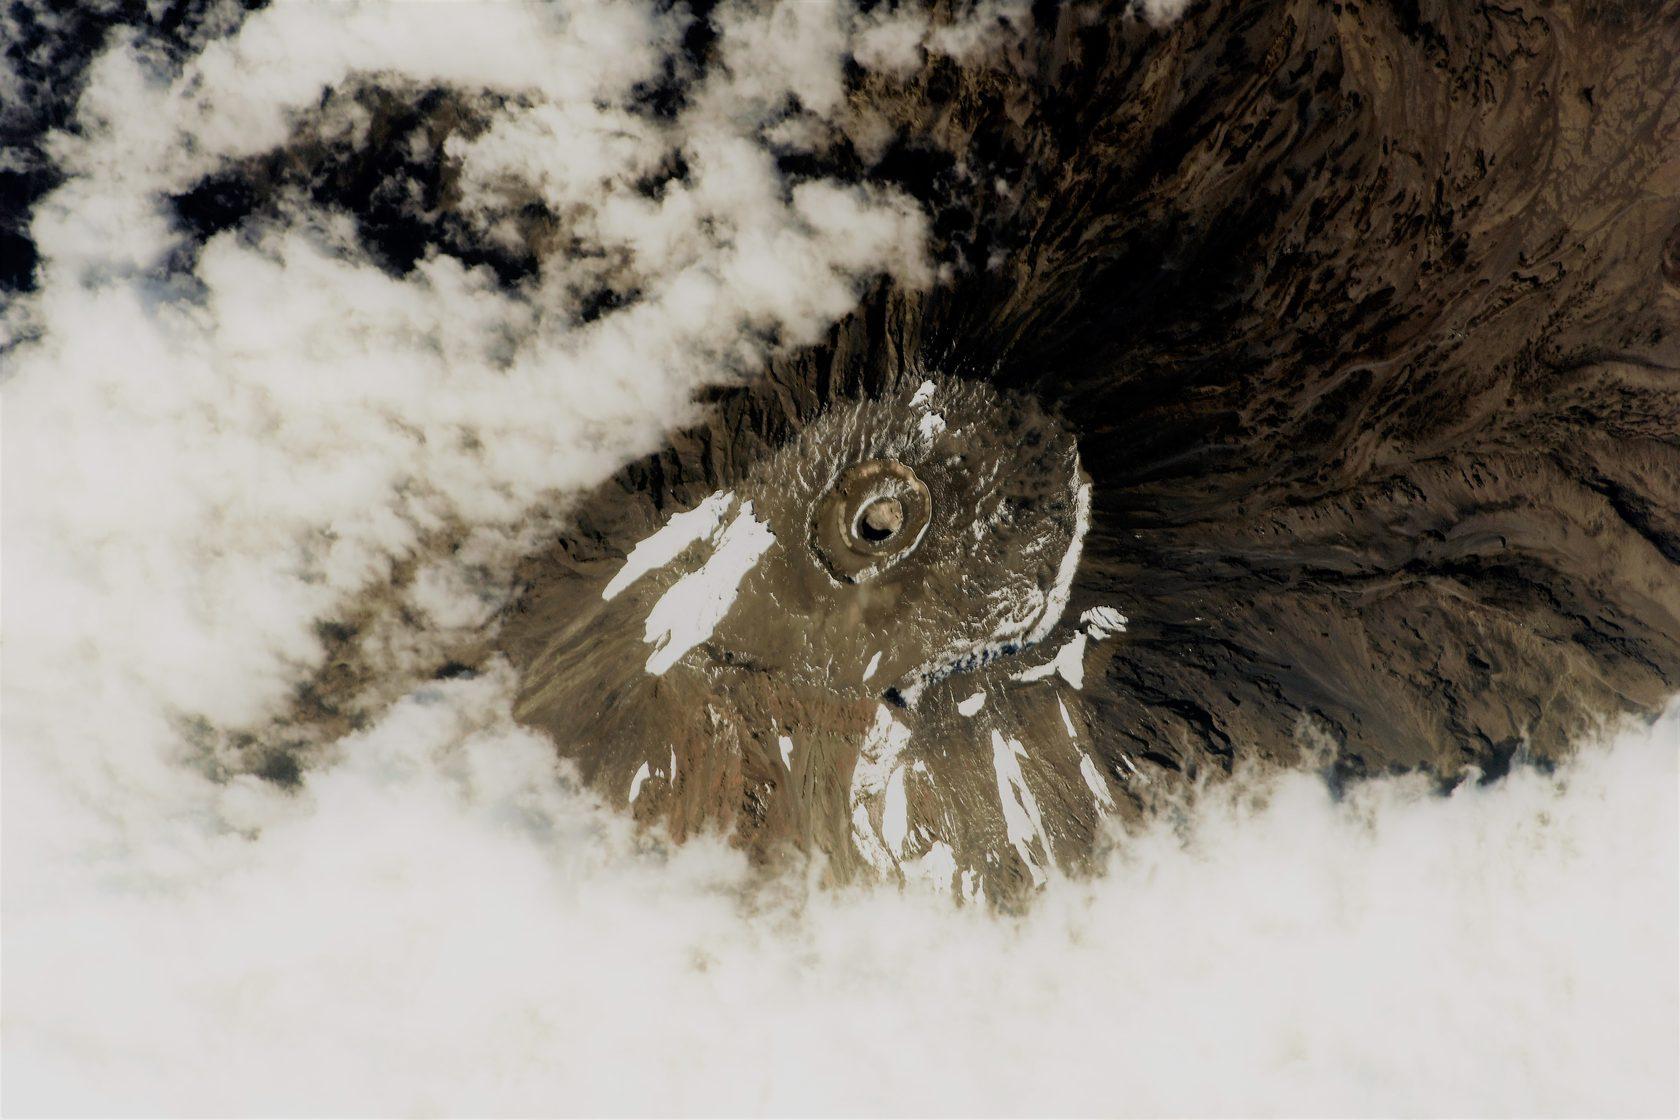 Фото Сергея Рязанского из космоса на Килиманджаро